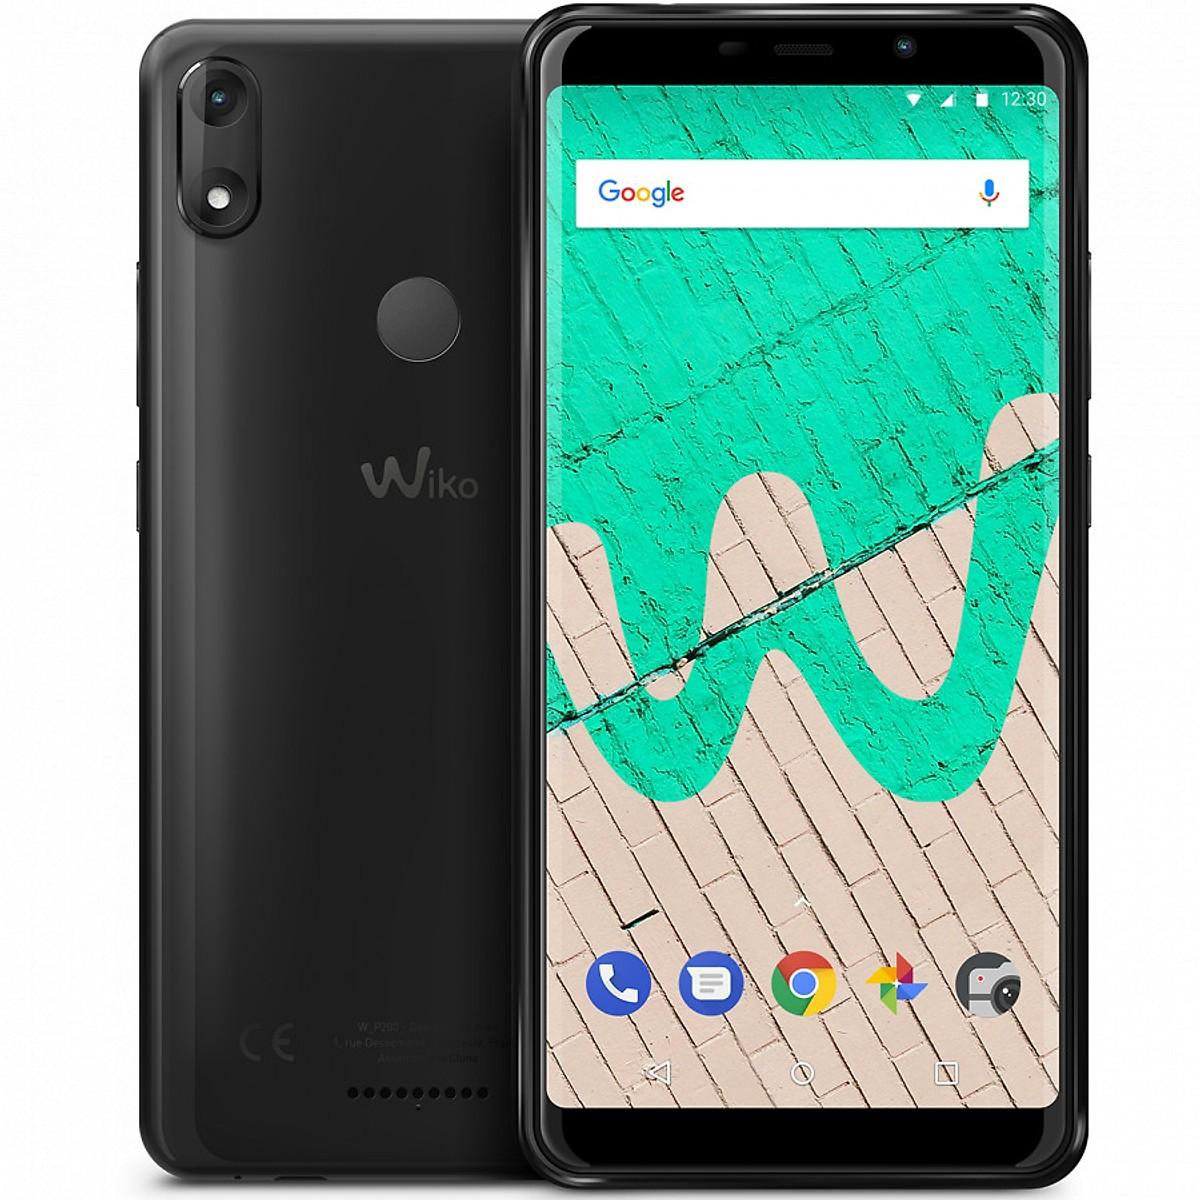 Đánh giá Điện thoại Wiko View Max (3GB/32GB)